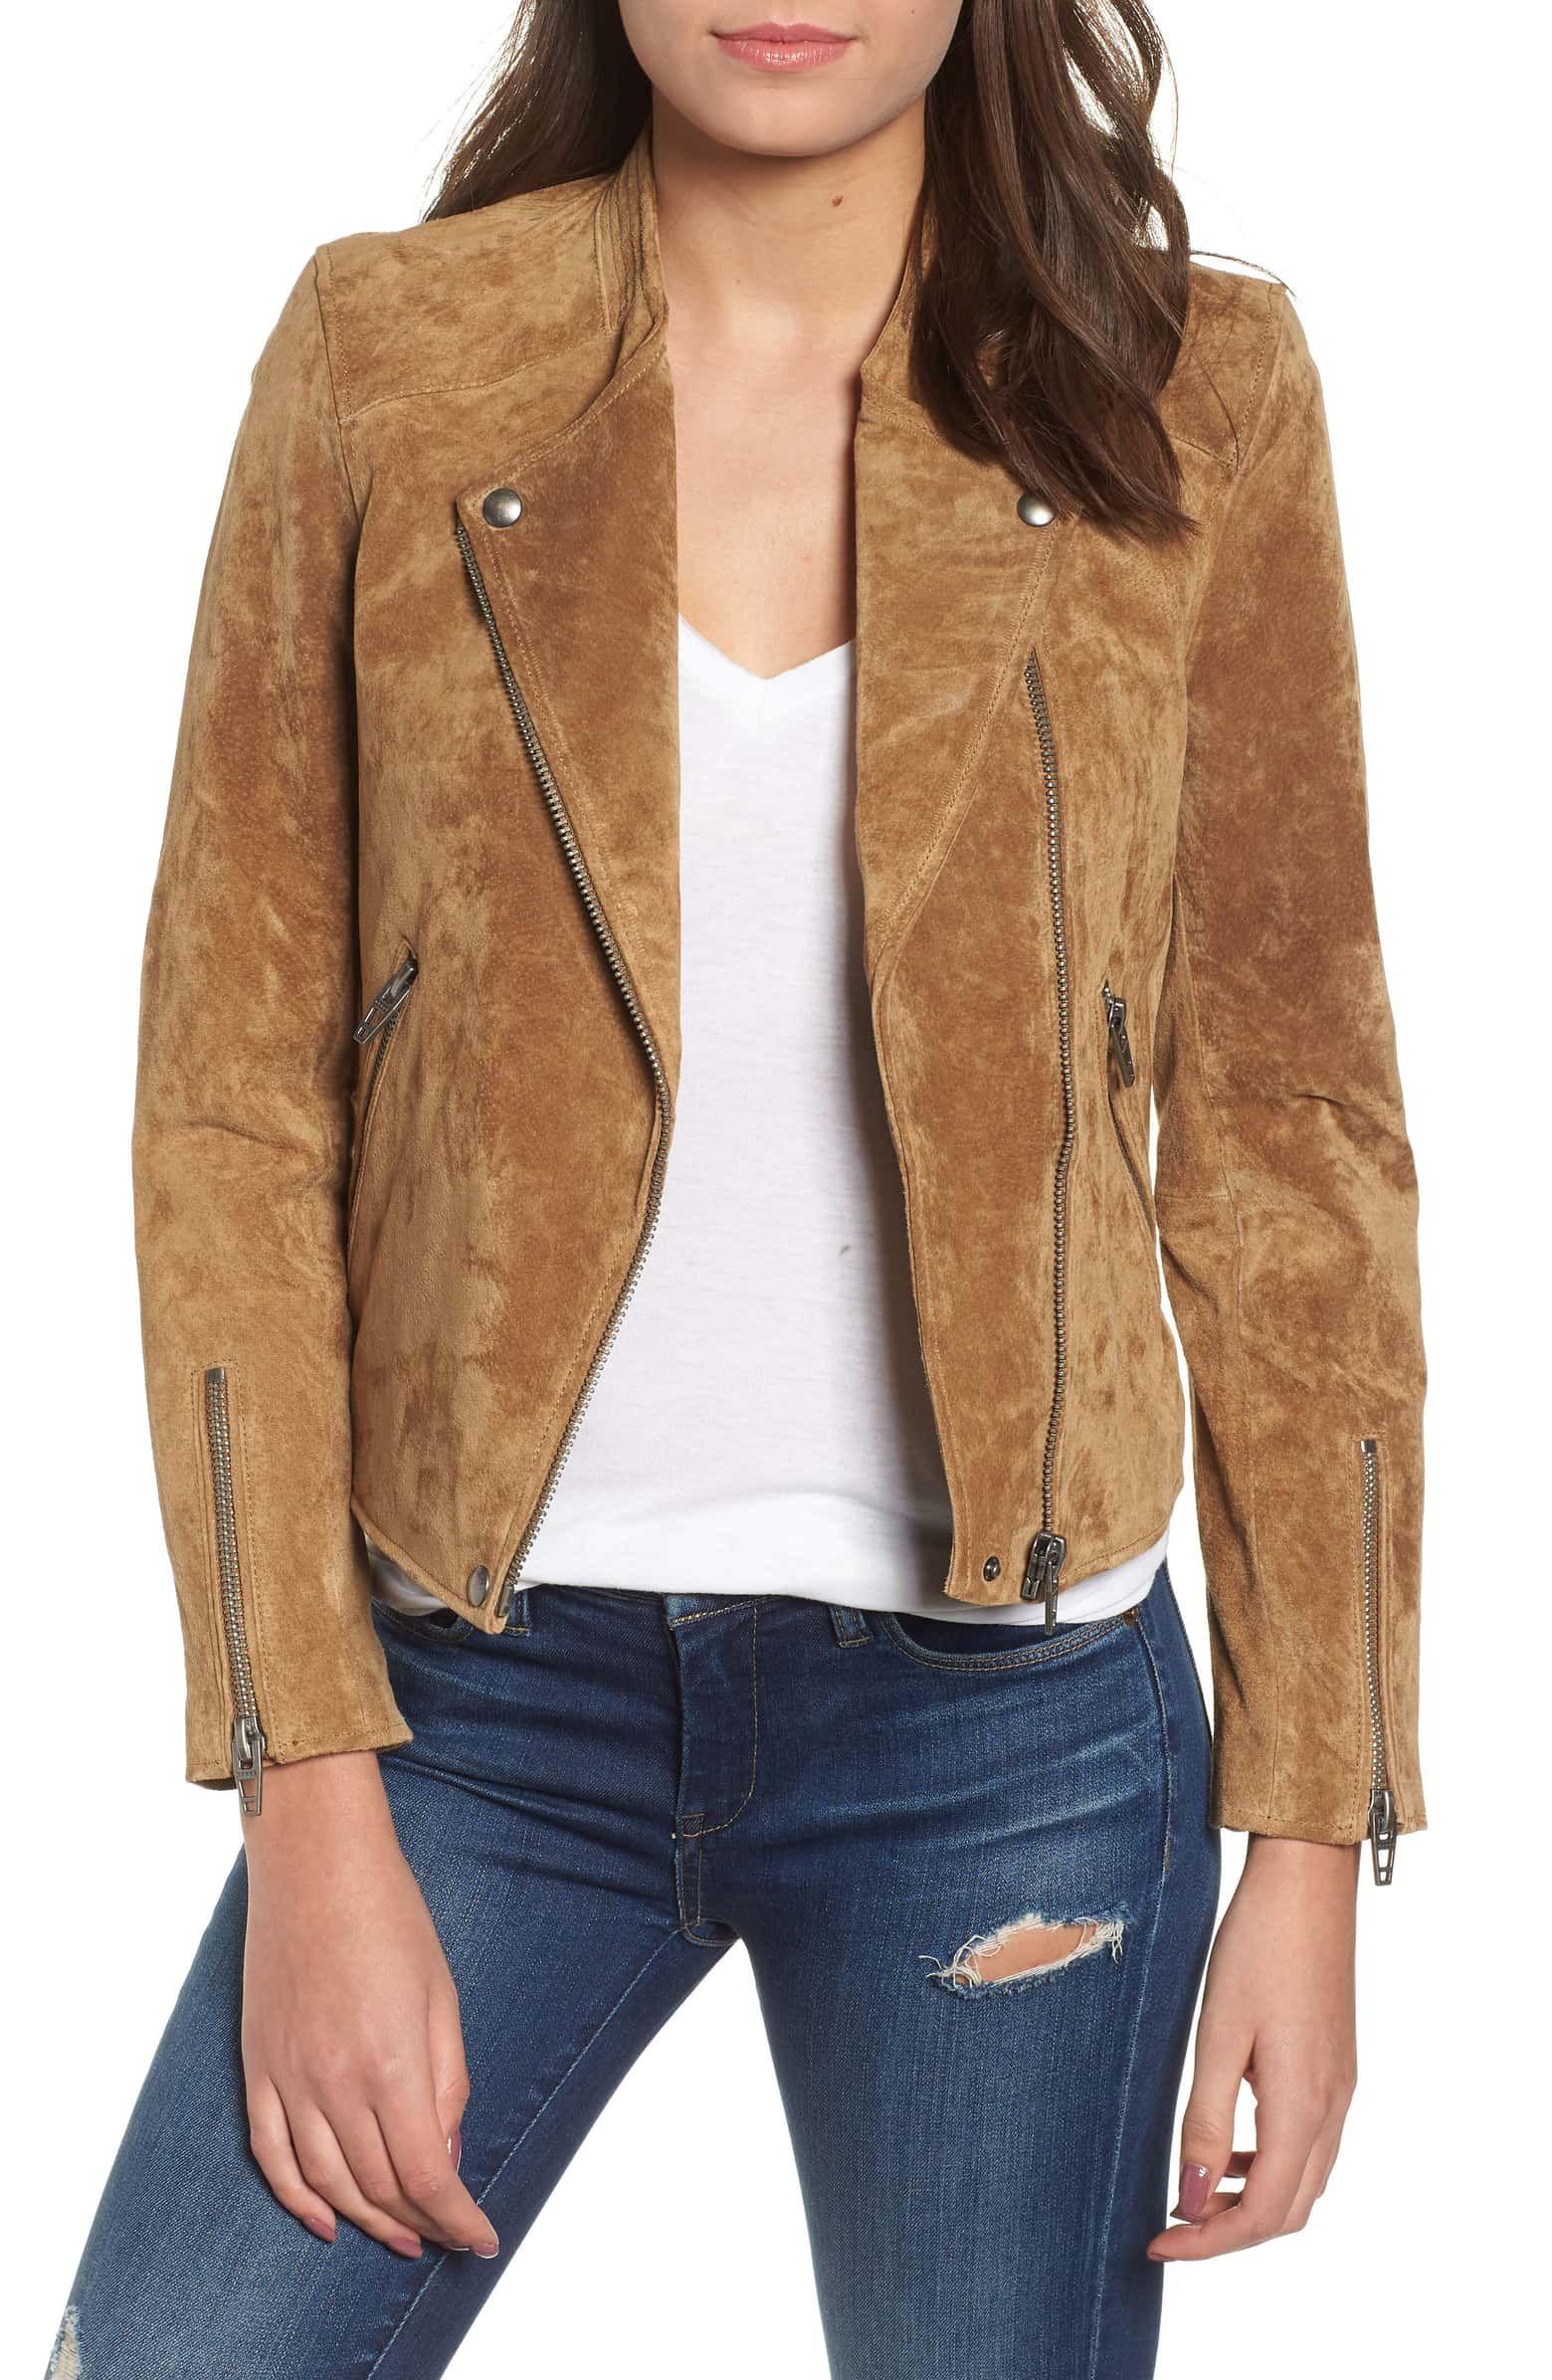 BLANKNYC No Limit Suede Moto Jacket Suede moto jacket